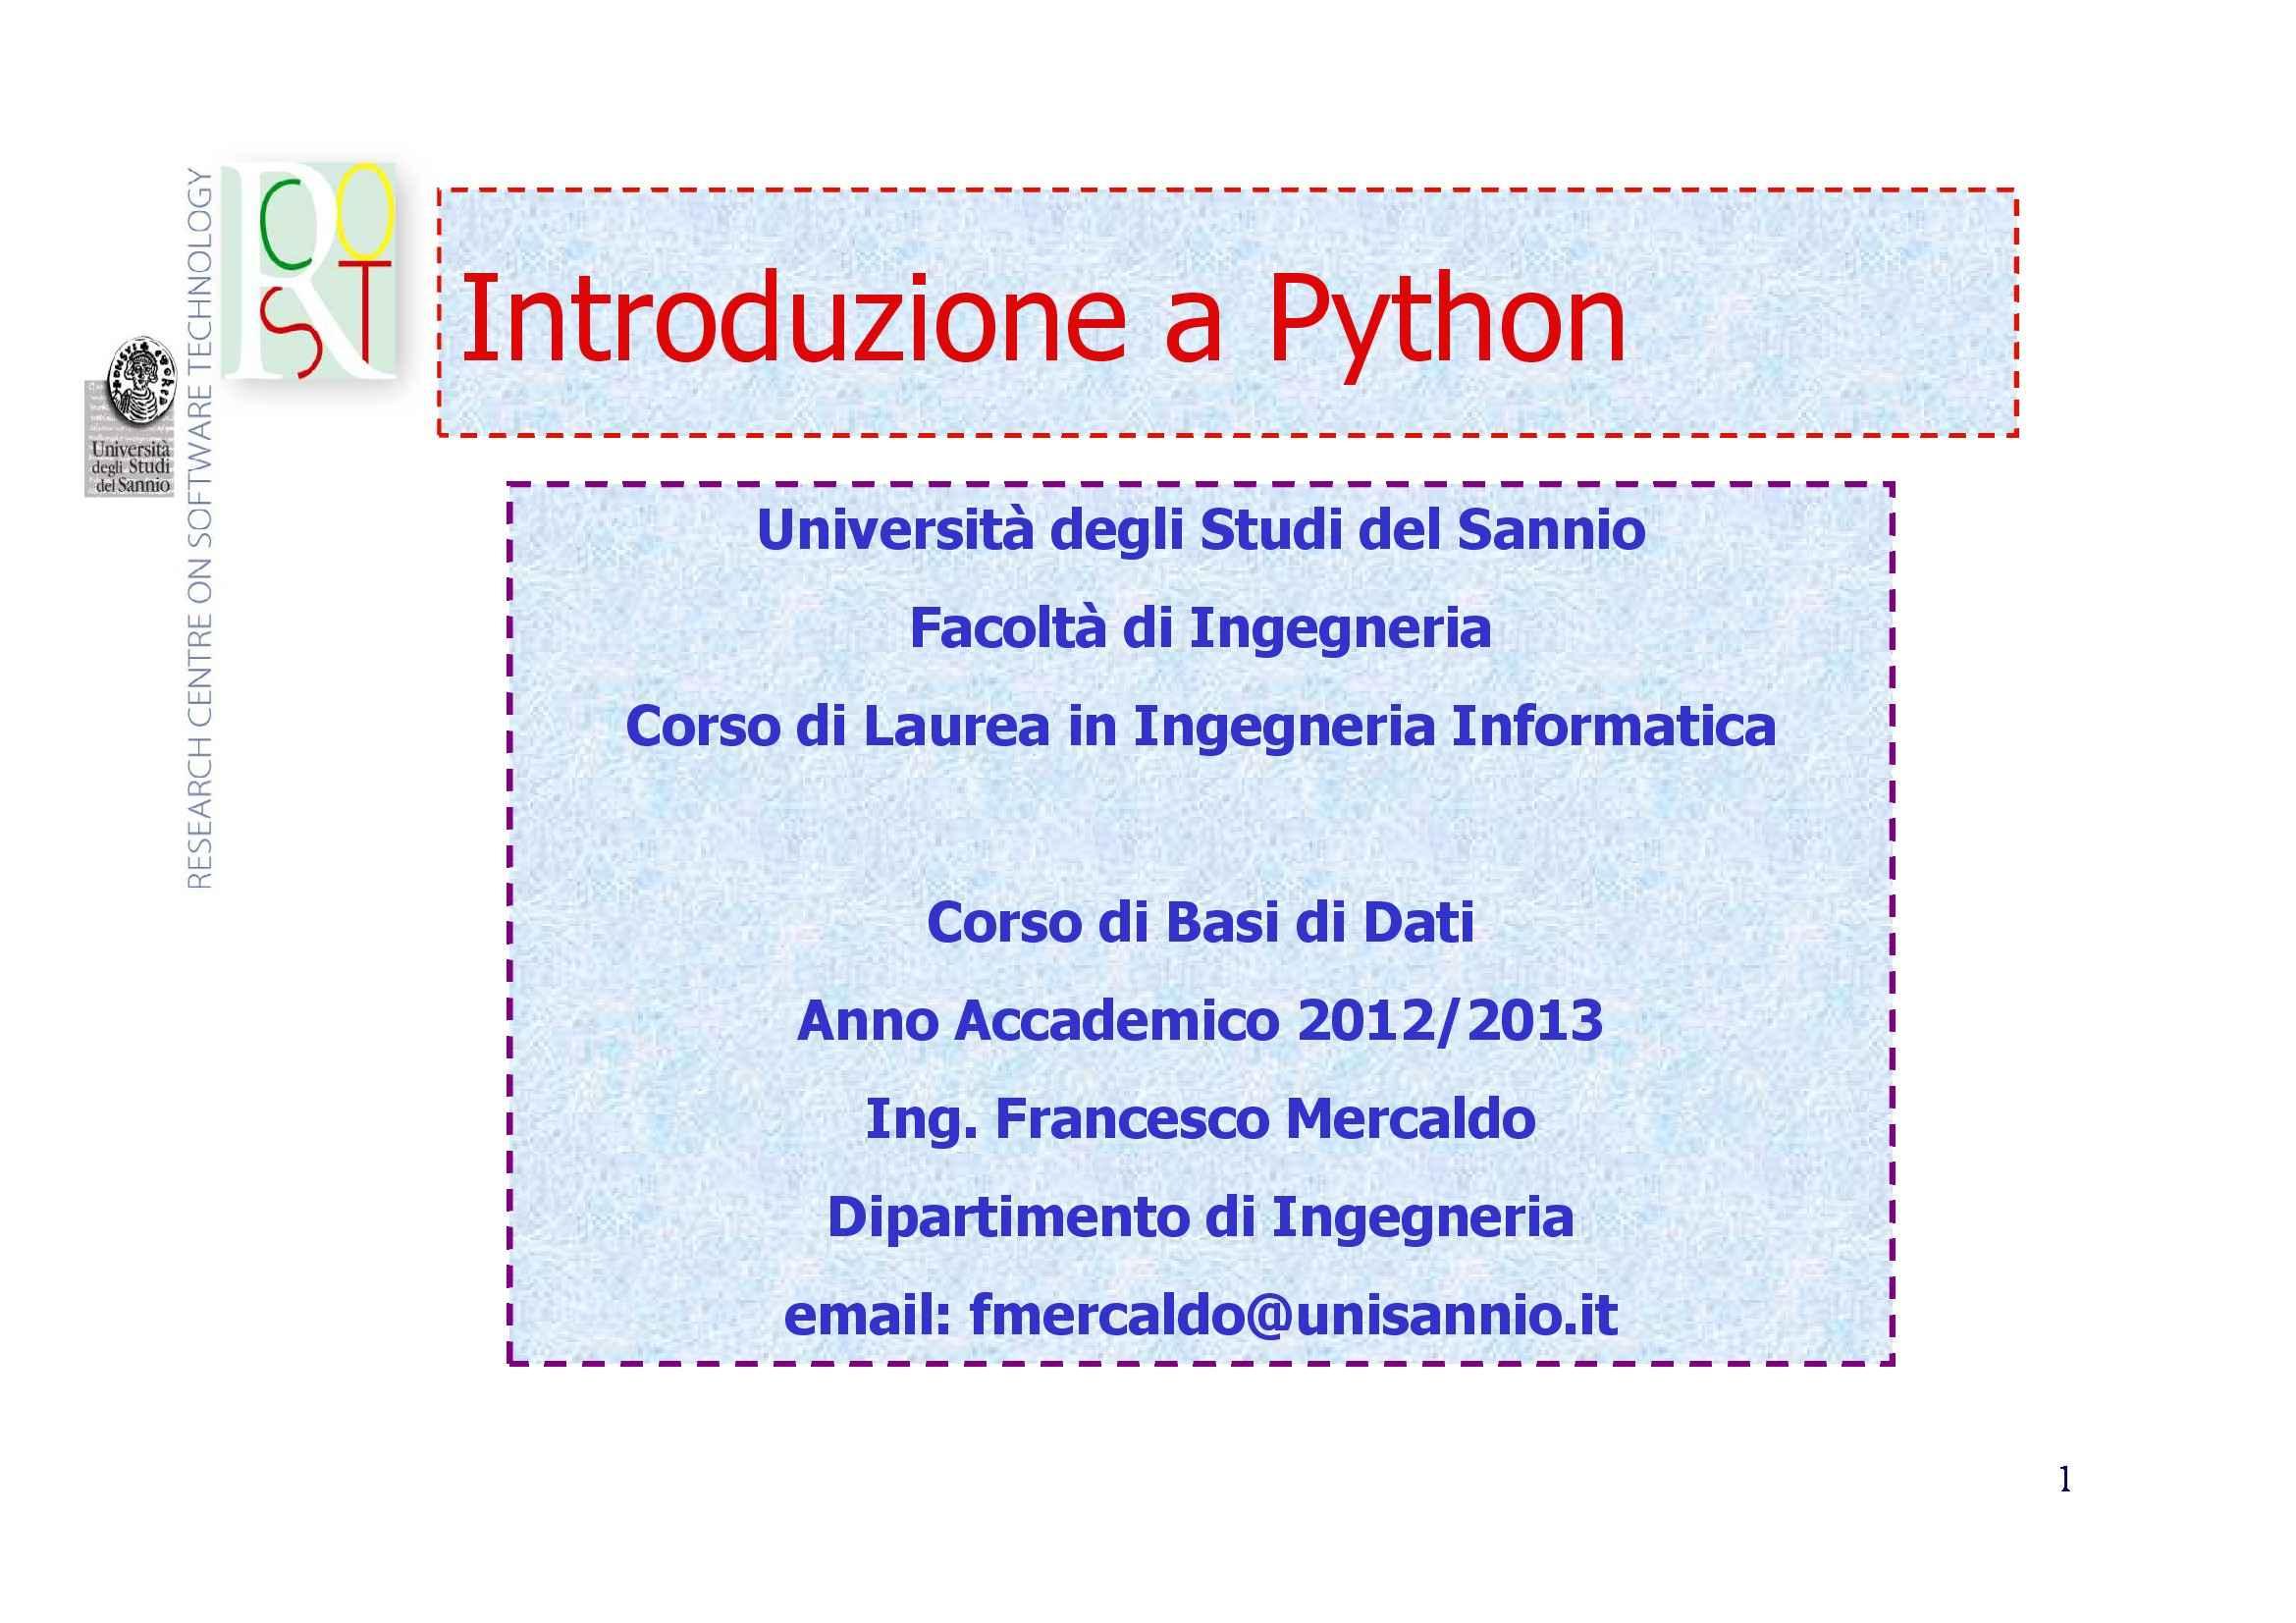 Prima lezione di linguaggio Python, Basi di dati